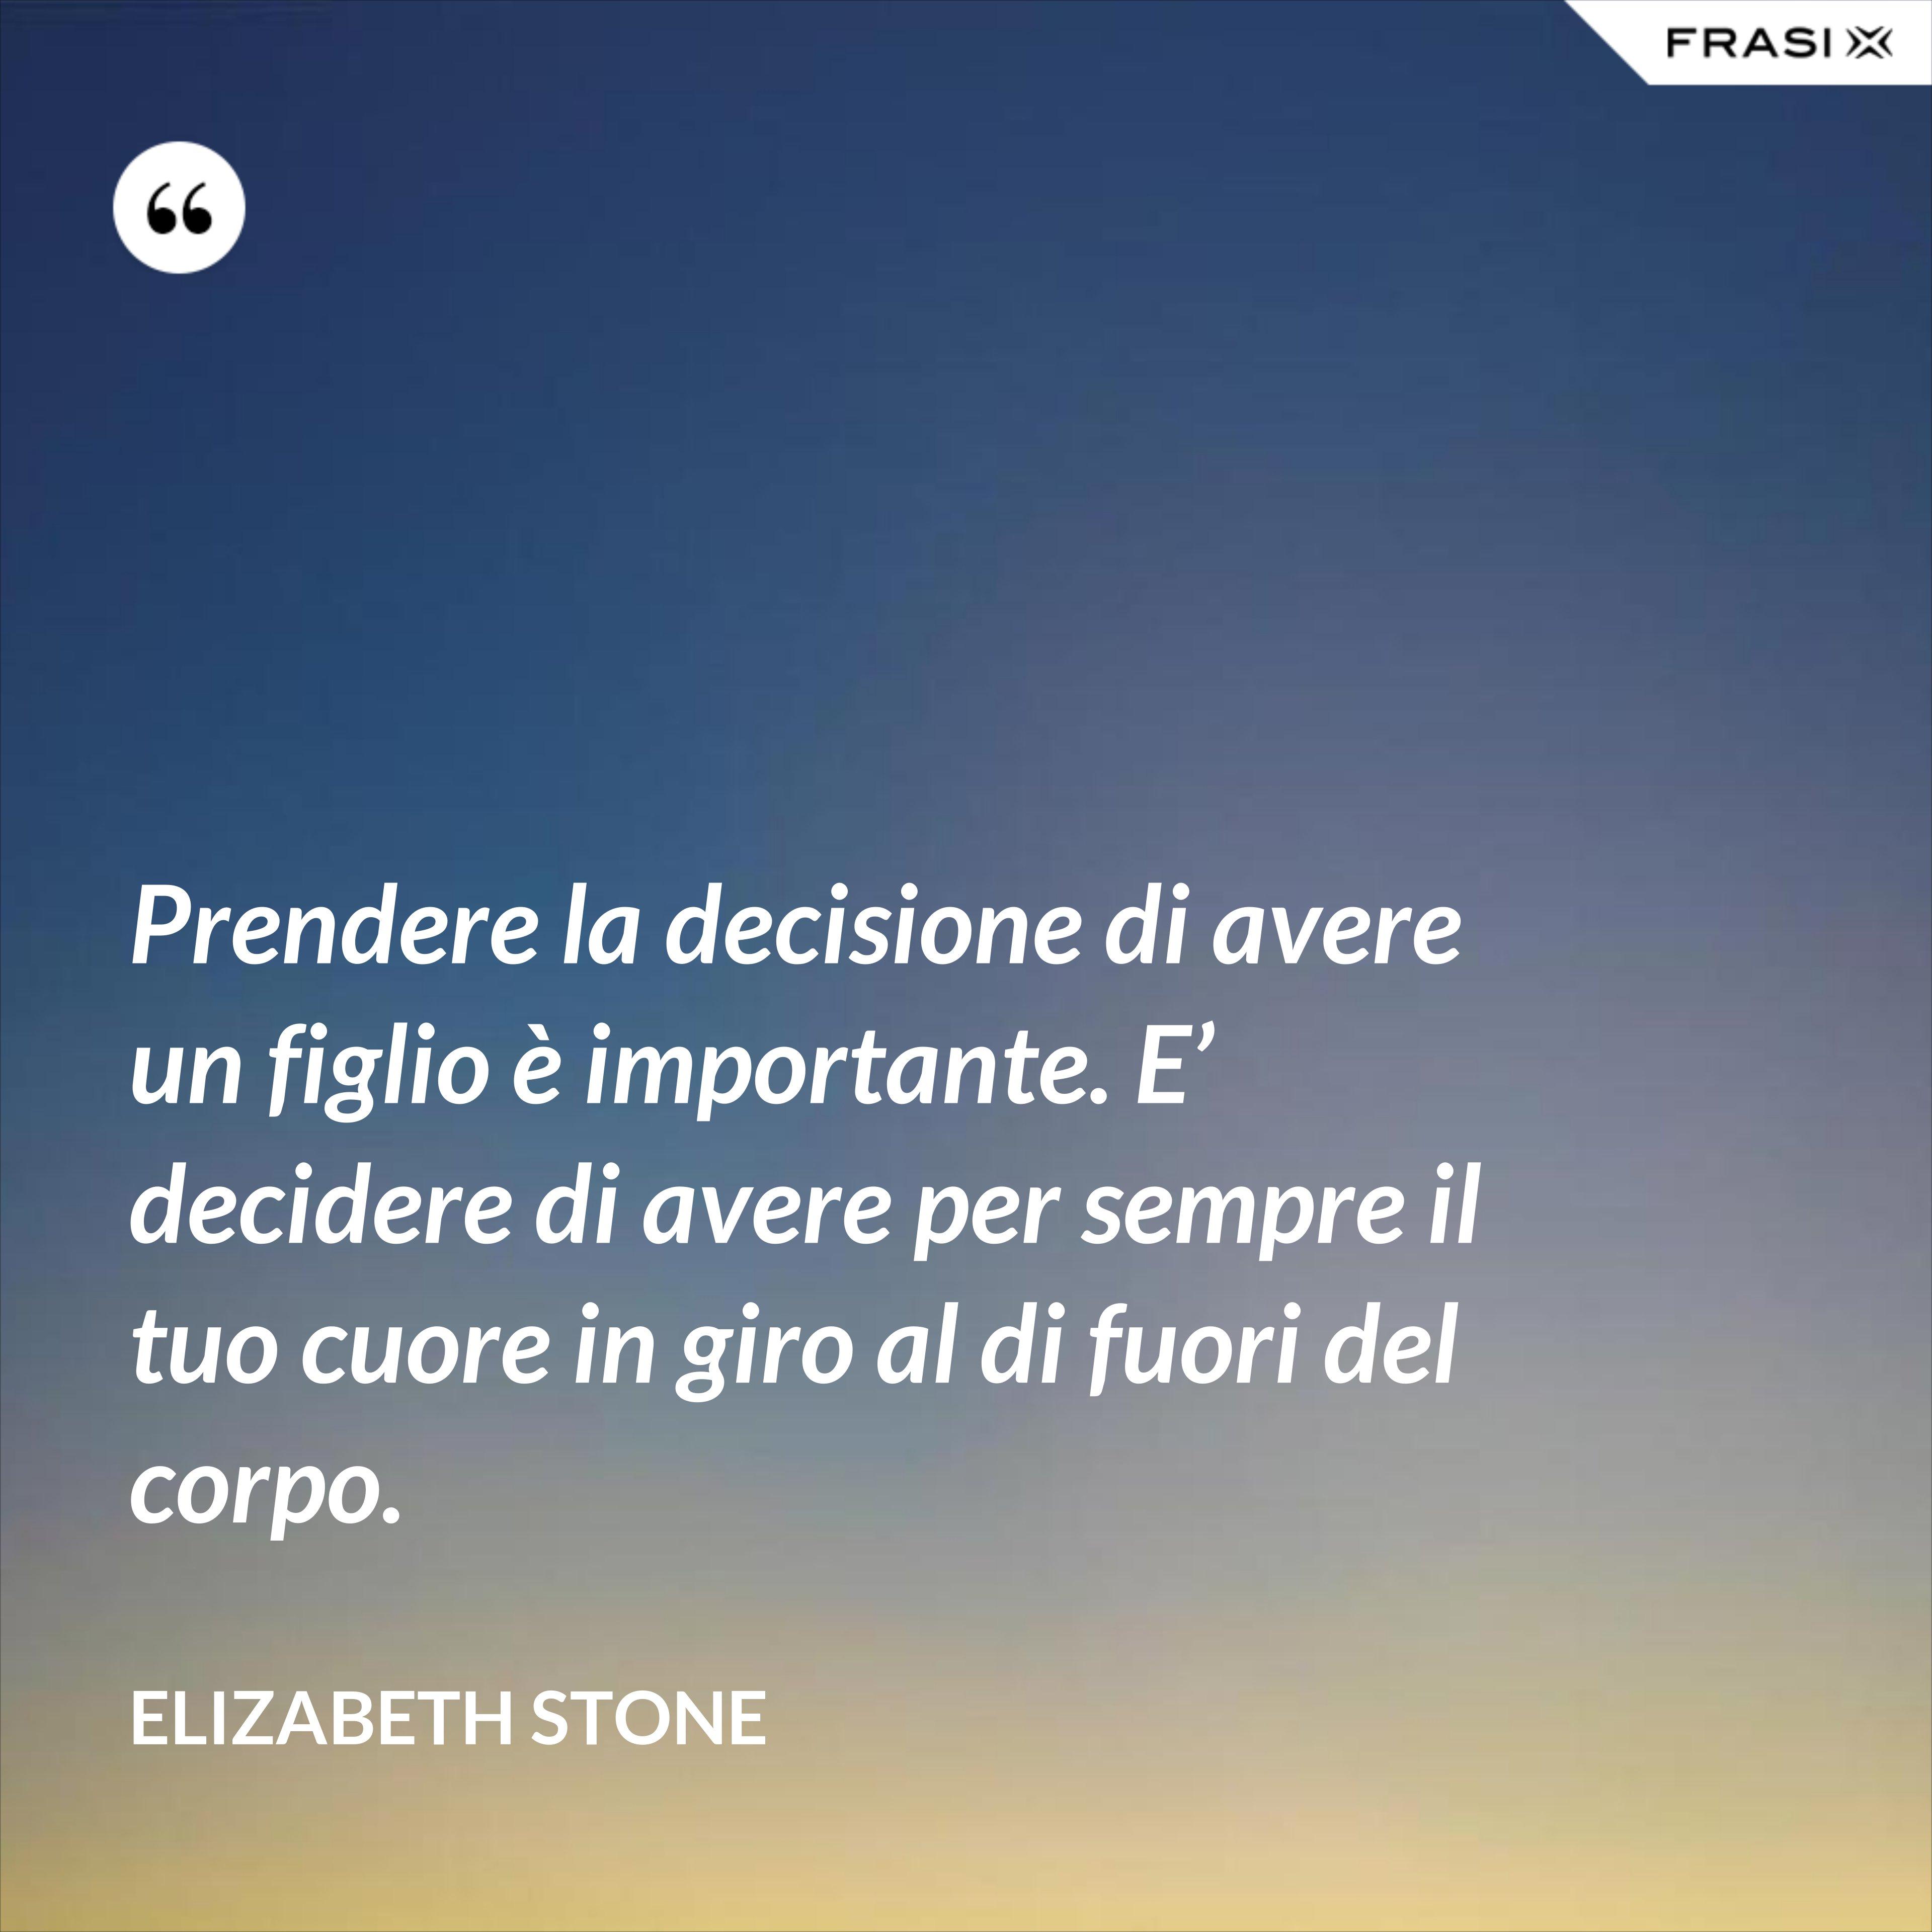 Prendere la decisione di avere un figlio è importante. E' decidere di avere per sempre il tuo cuore in giro al di fuori del corpo. - Elizabeth Stone